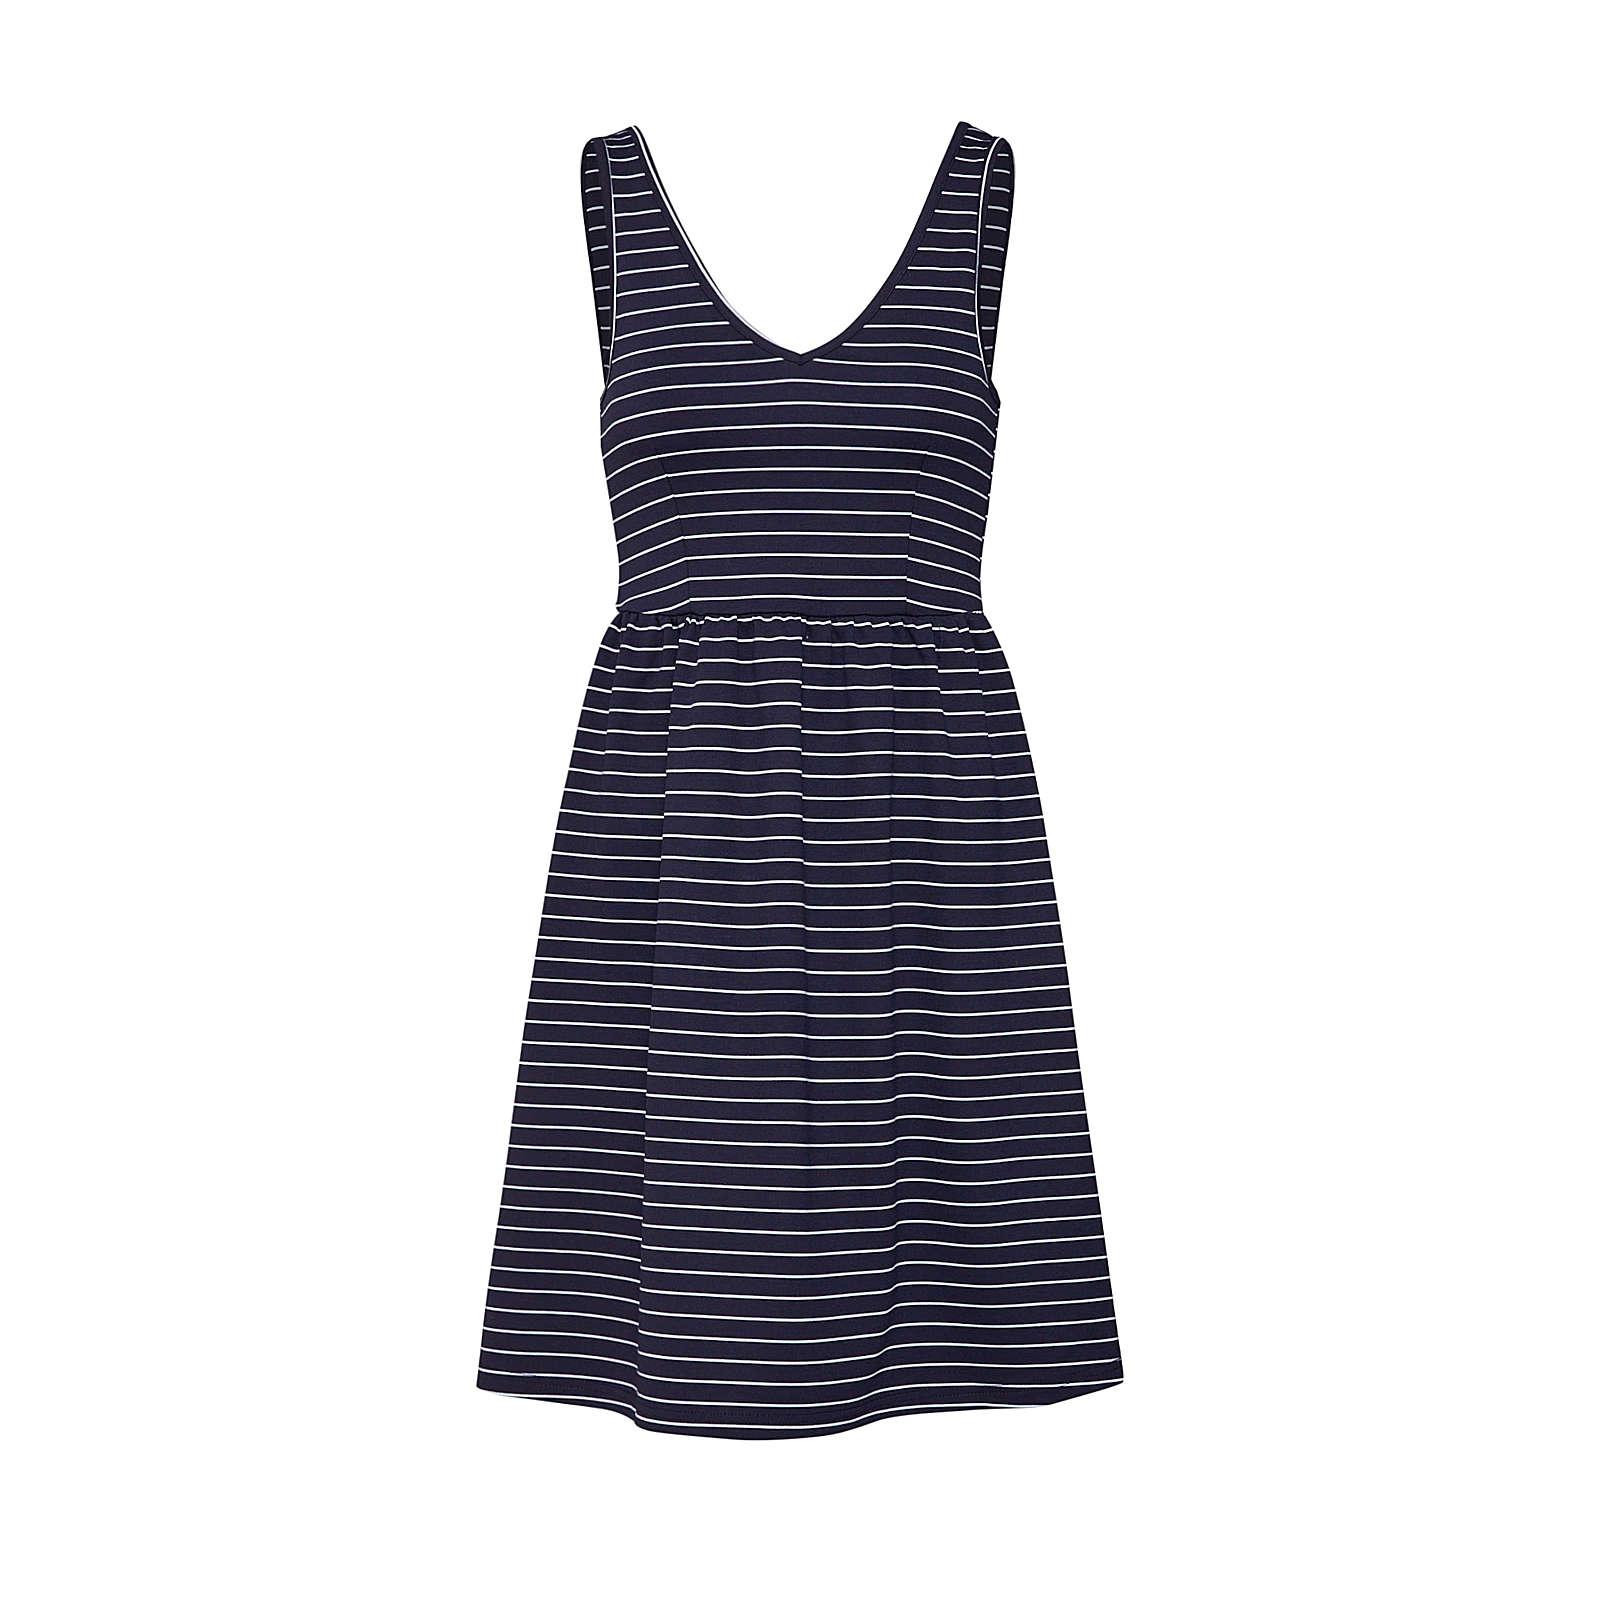 ONLY Sommerkleid JOY Sommerkleider weiß Damen Gr. 38